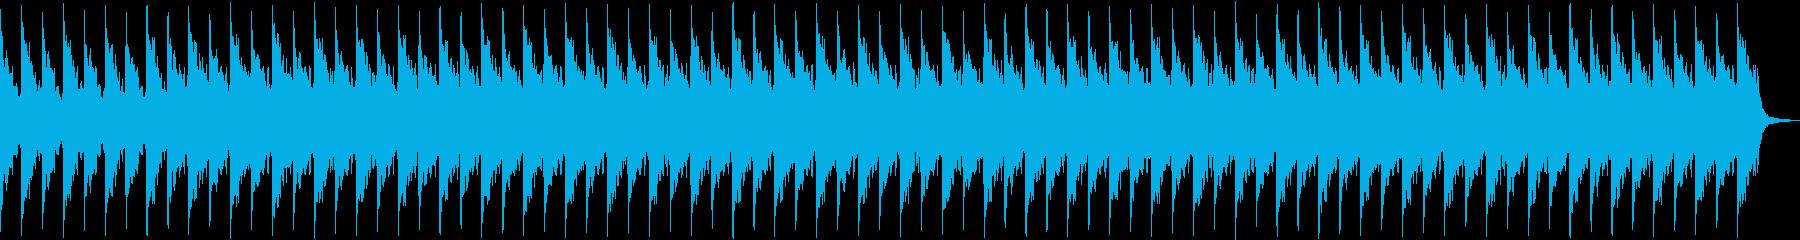 よく眠れそうなアンビエントの再生済みの波形